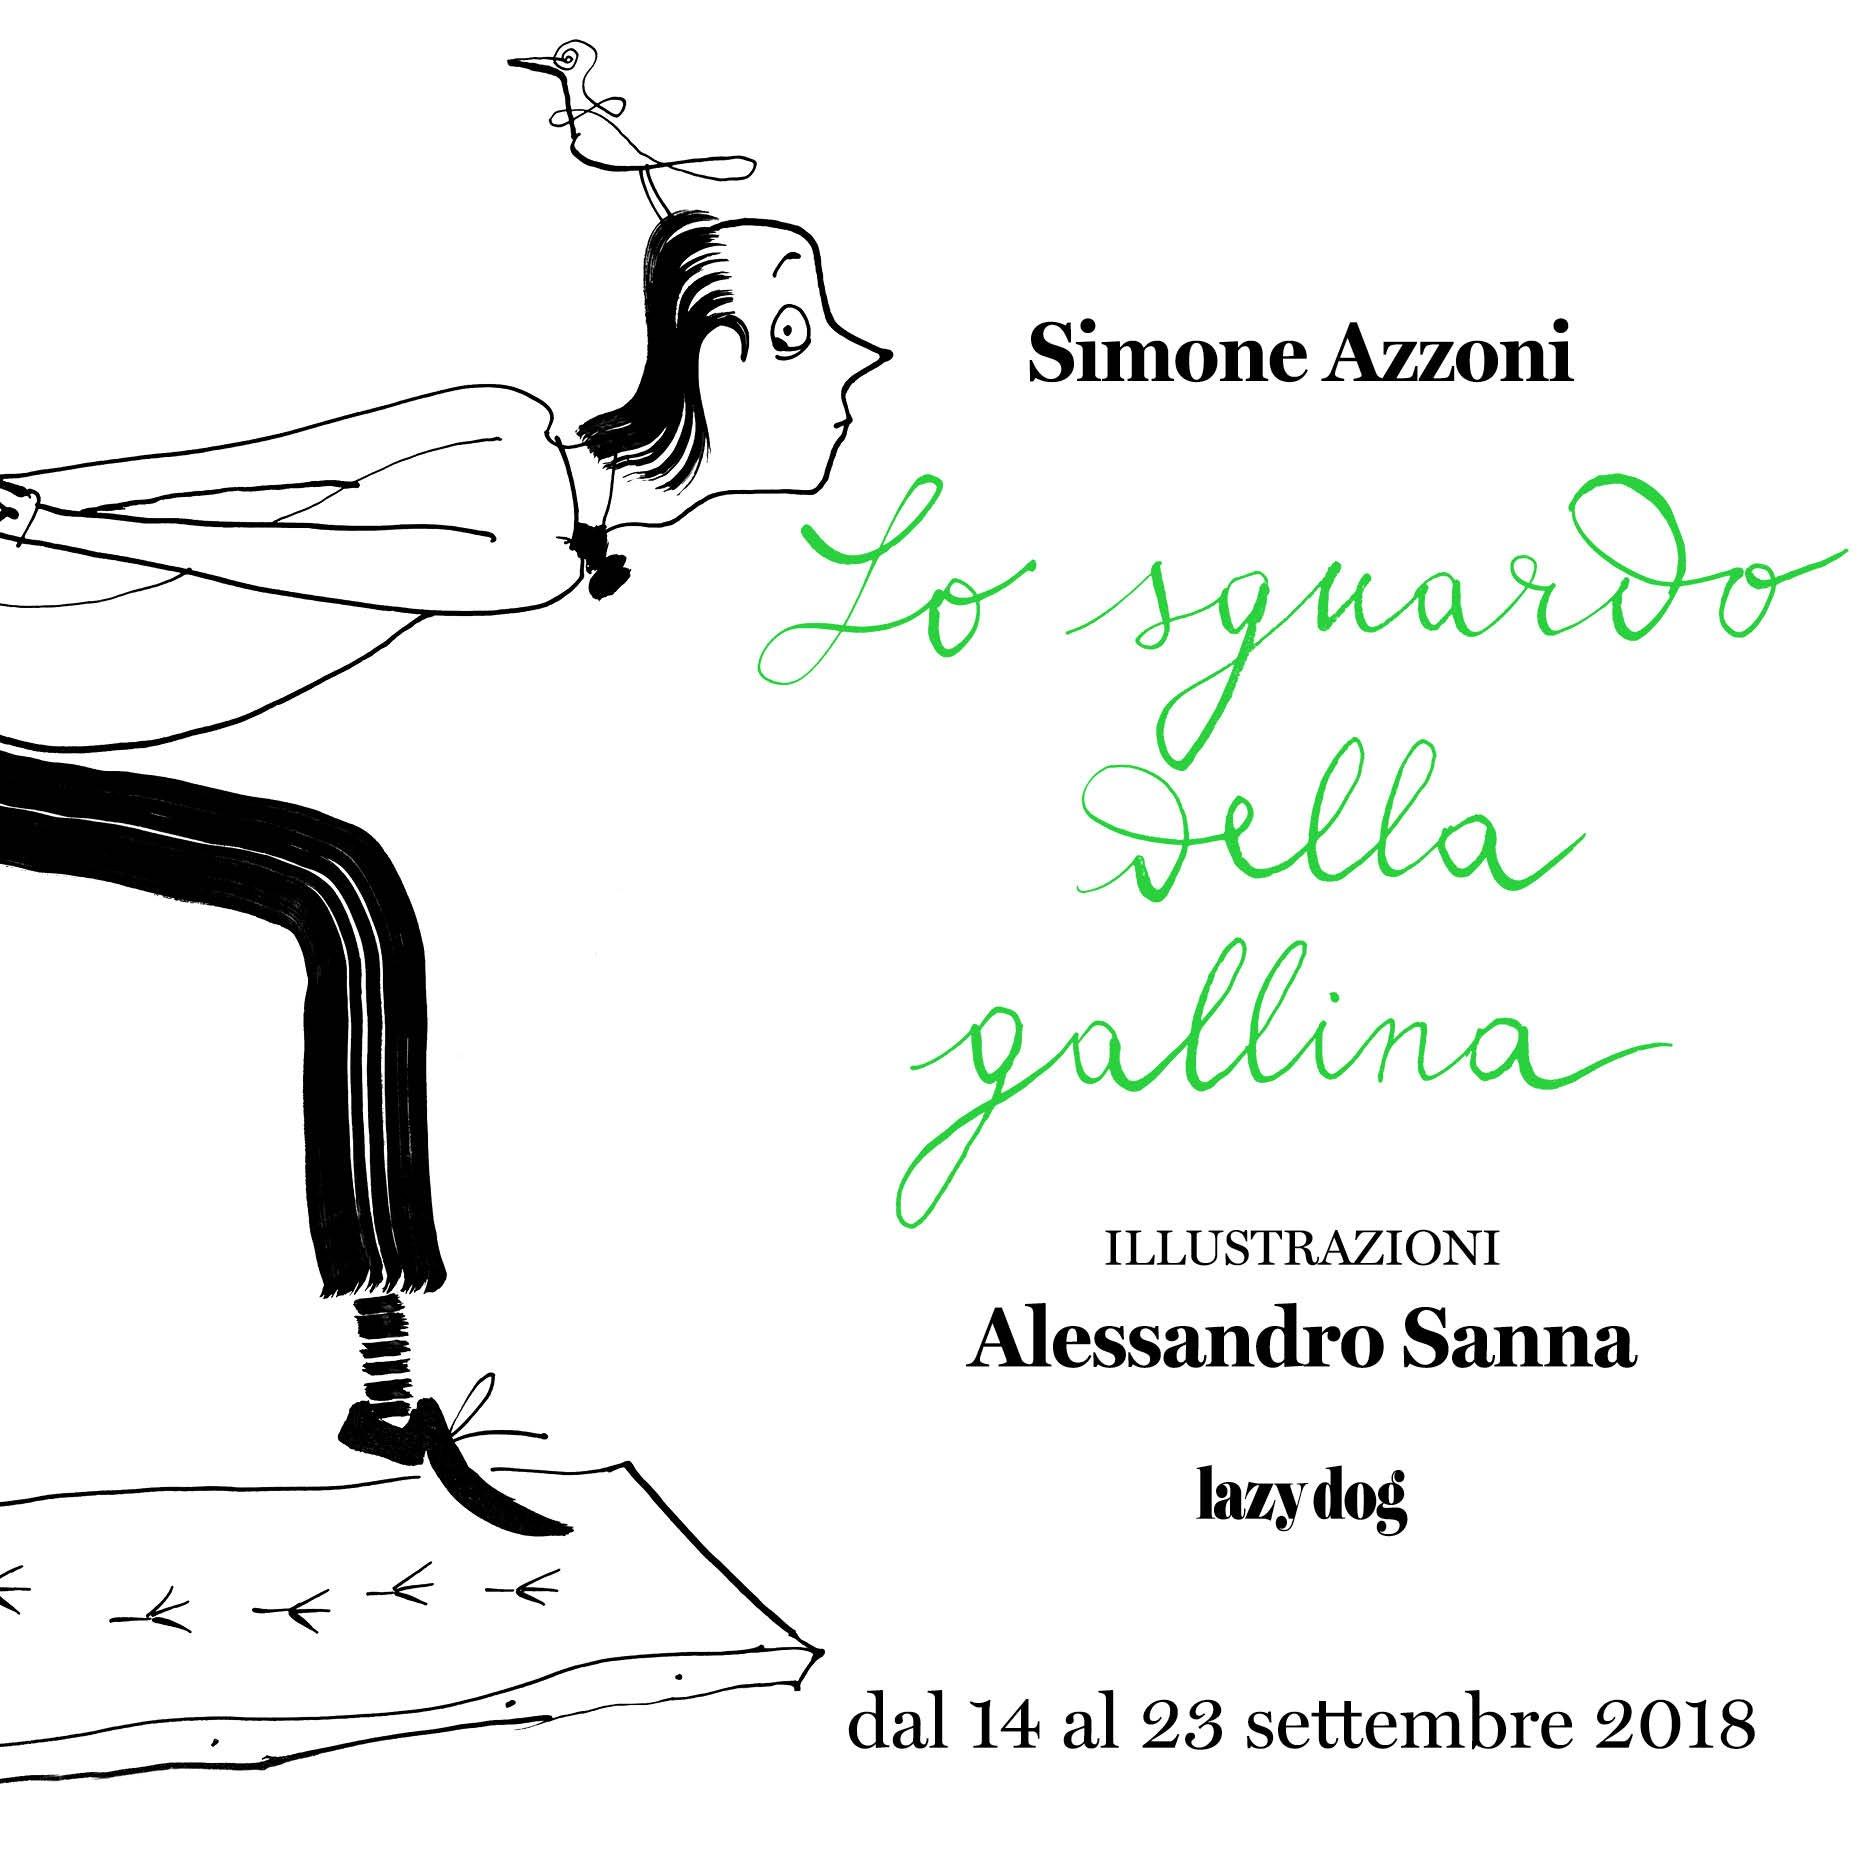 Lo sguardo della Gallina / Simone Azzoni + Alessandro Sanna